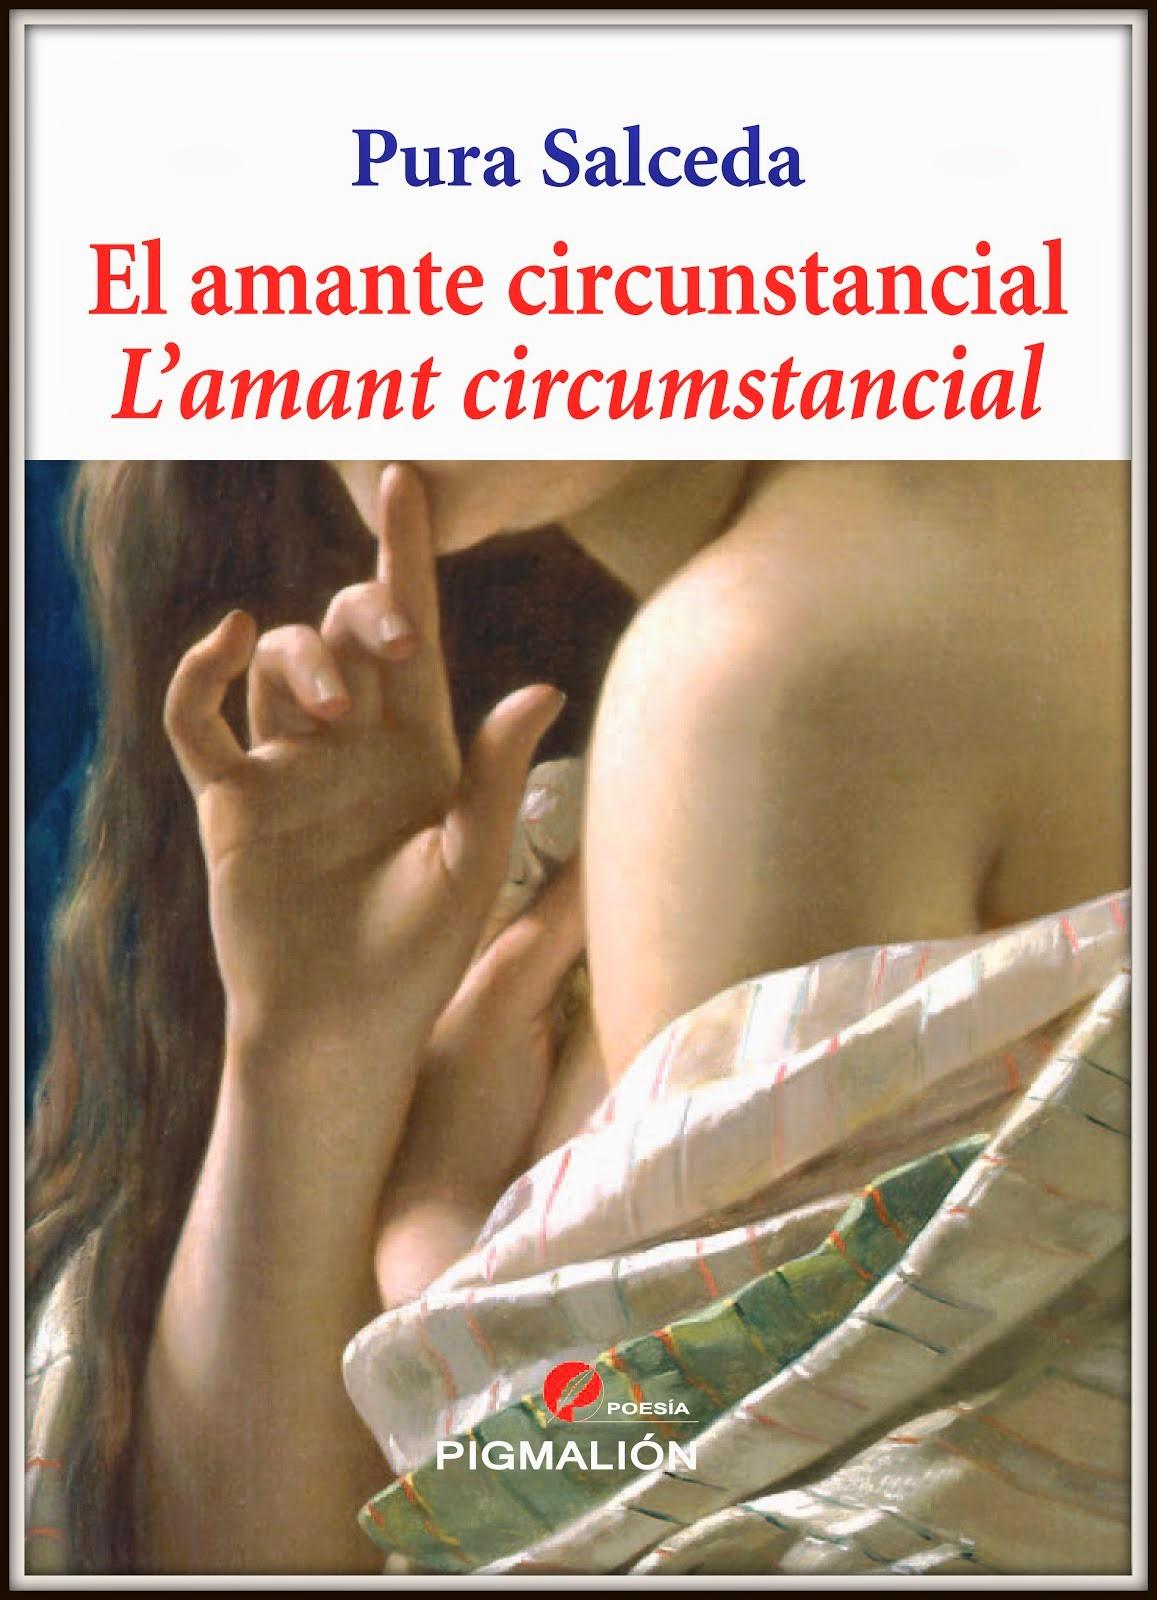 L'amant circumstancial (2014)